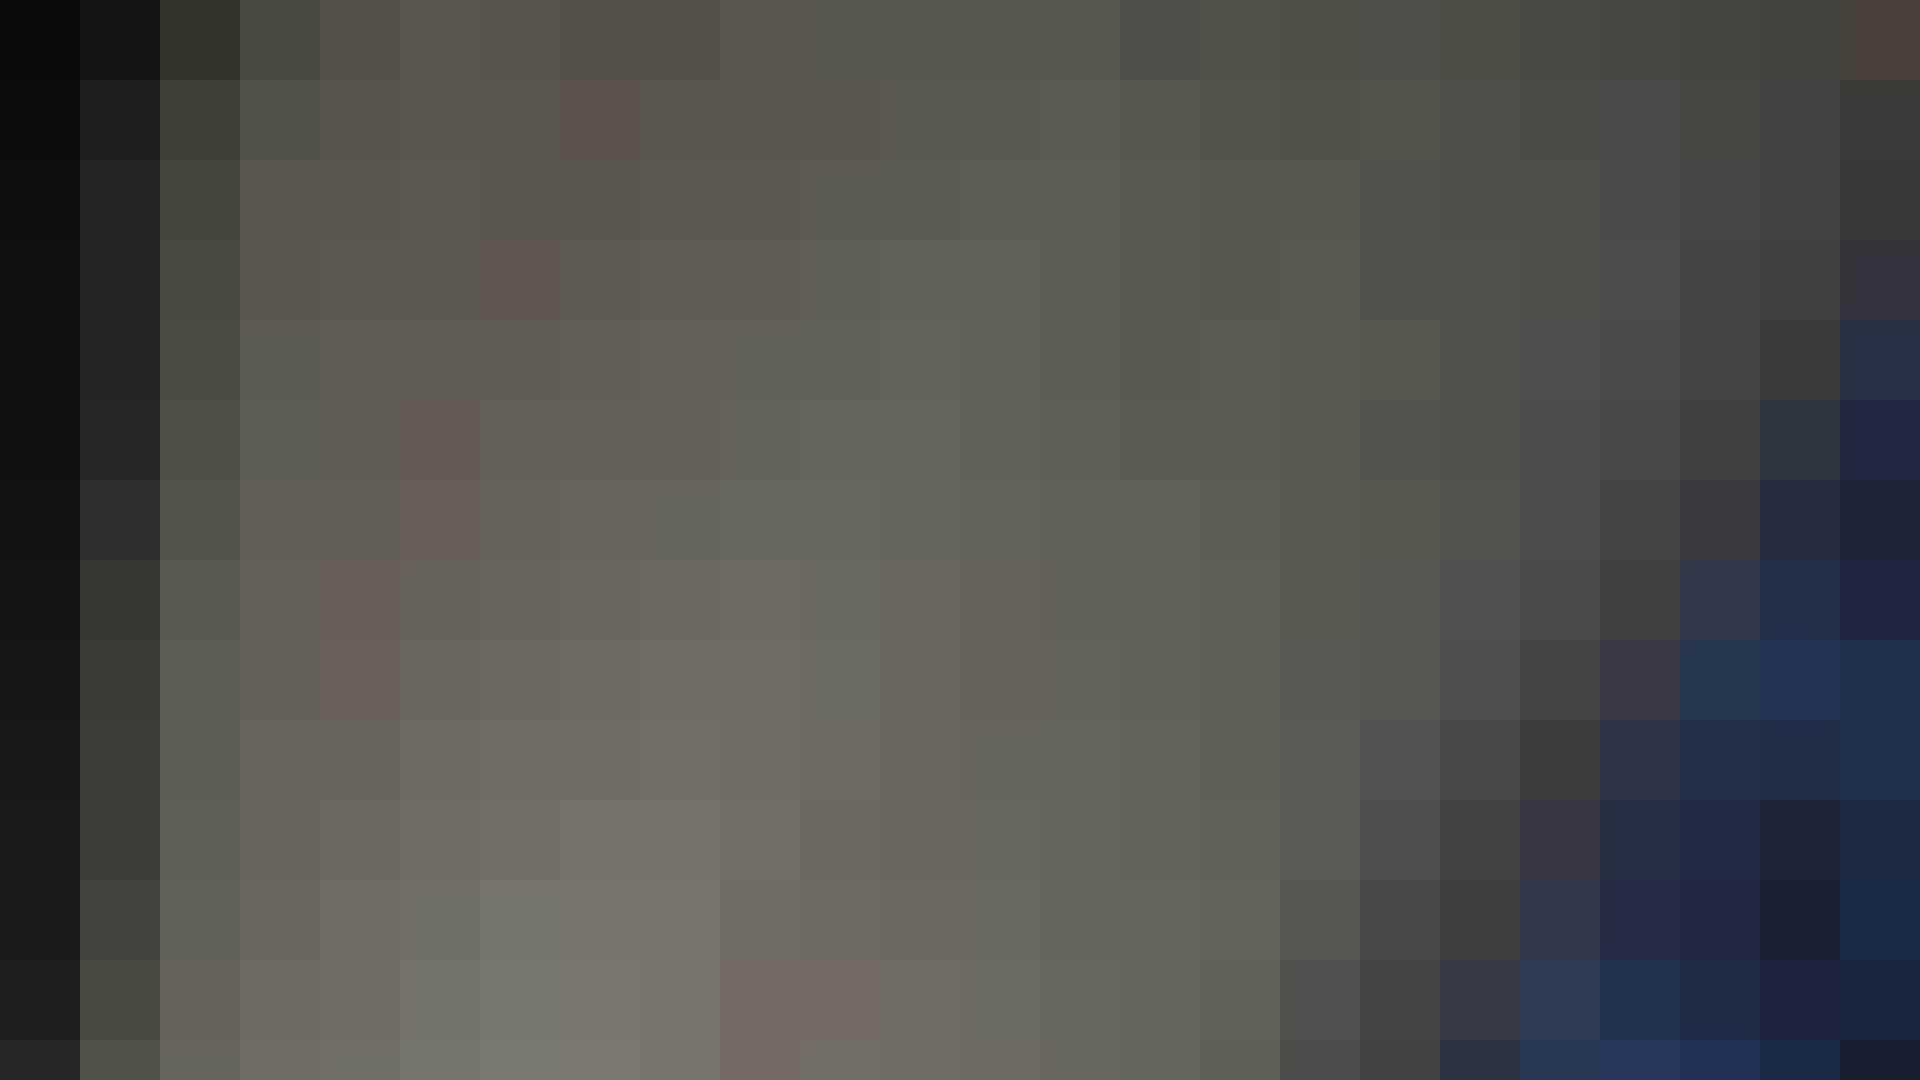 阿国ちゃんの「和式洋式七変化」No.18 iBO(フタコブ) 和式 | 洗面所  68PIX 61